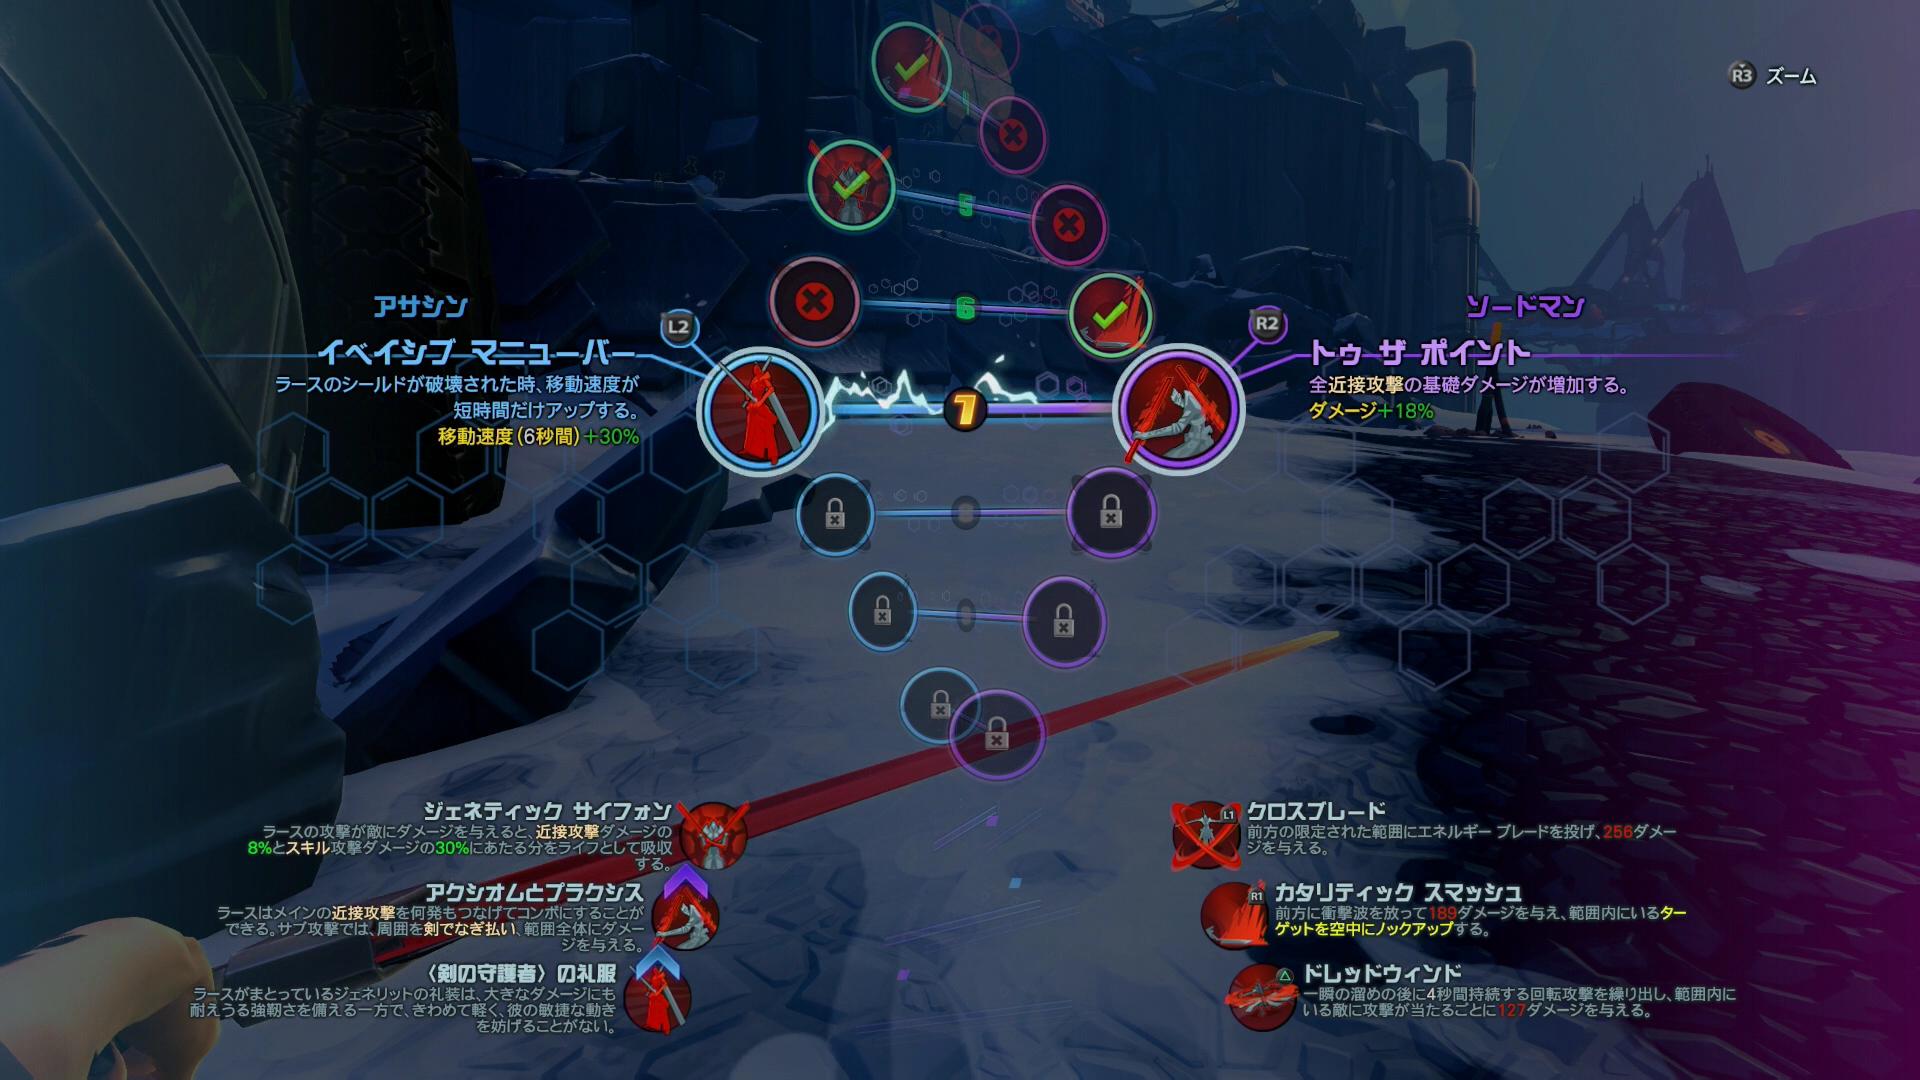 ゲームプレイ中にレベルが上がると「へリックス」が1つ解放される。最大10レベルまでだが、毎回リセットされるので、プレイ内容に応じて選択することでそのステージに合ったキャラクターとして最適化できる